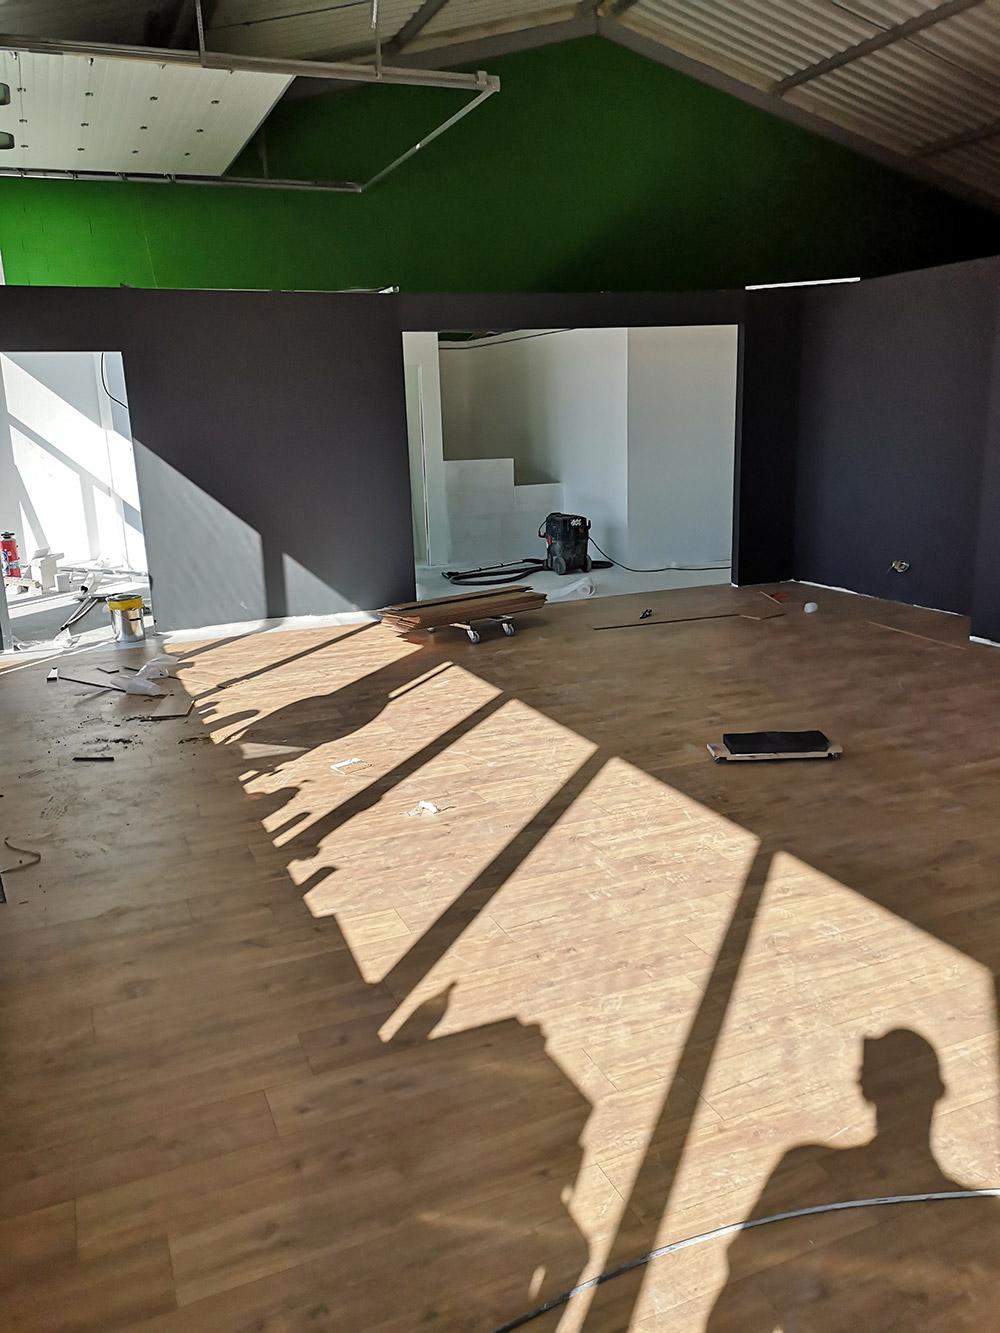 Rénovation intérieure - salle de sport